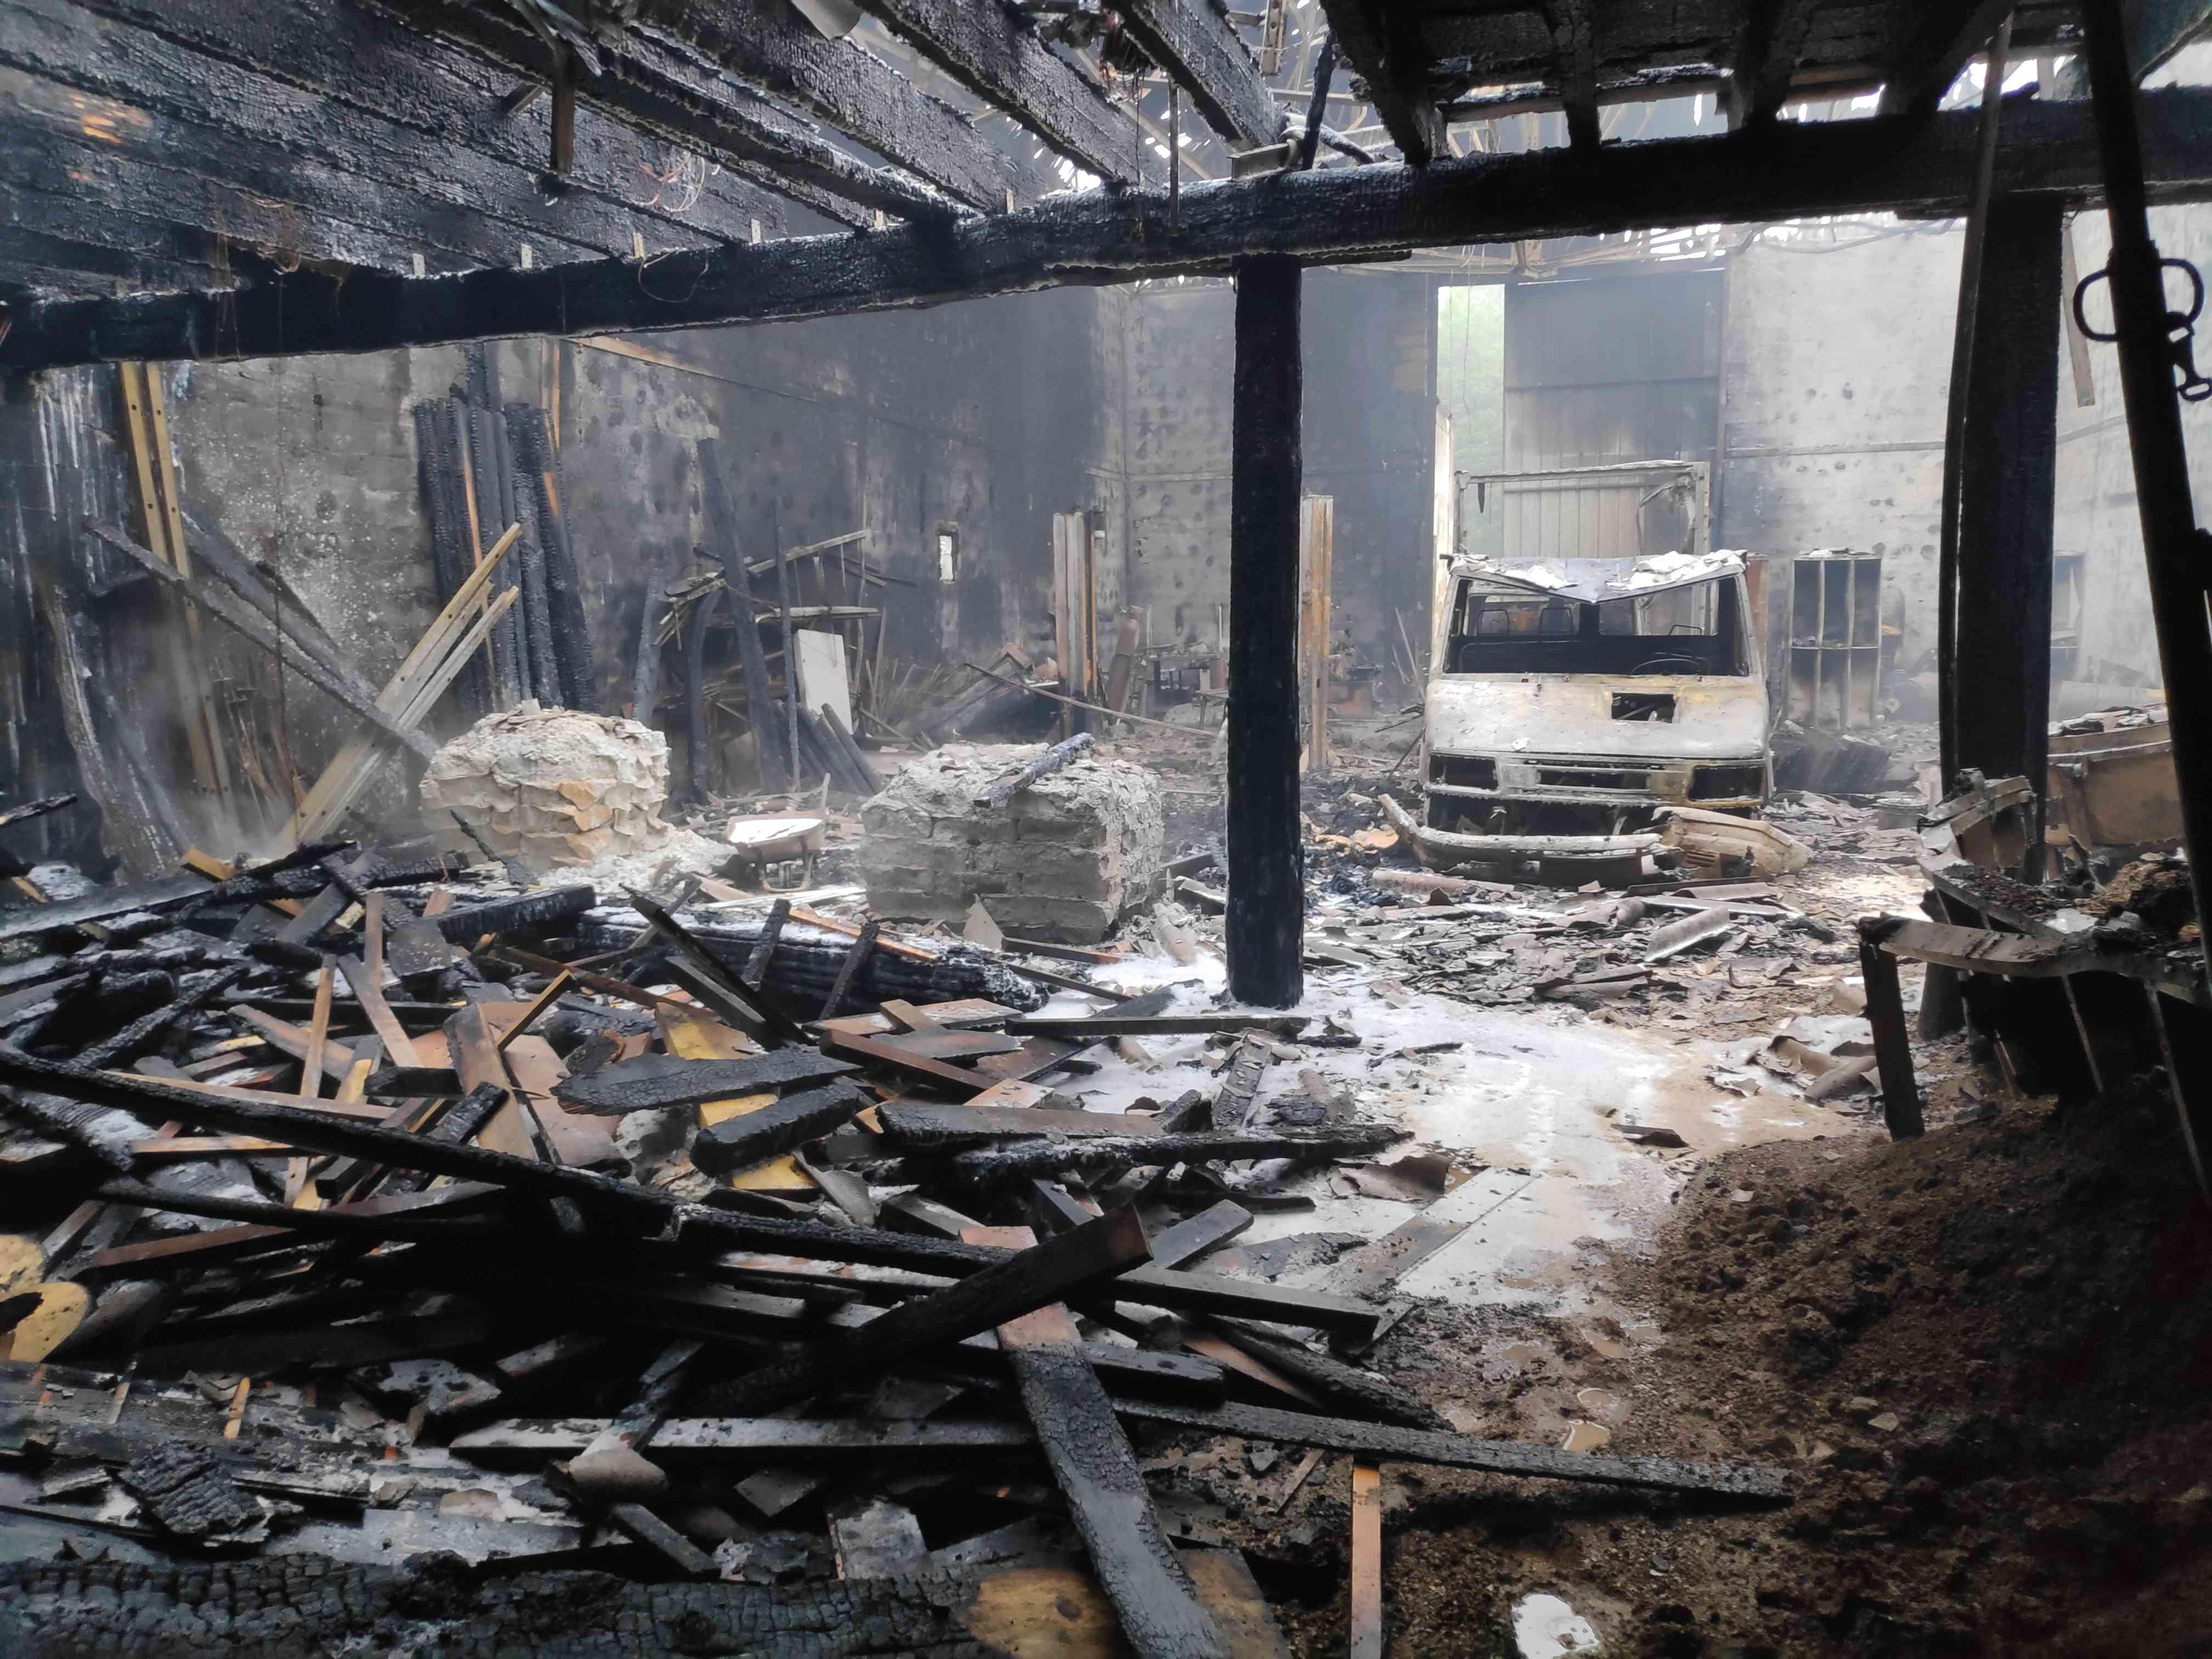 Après le feu, vue de l'intérieur